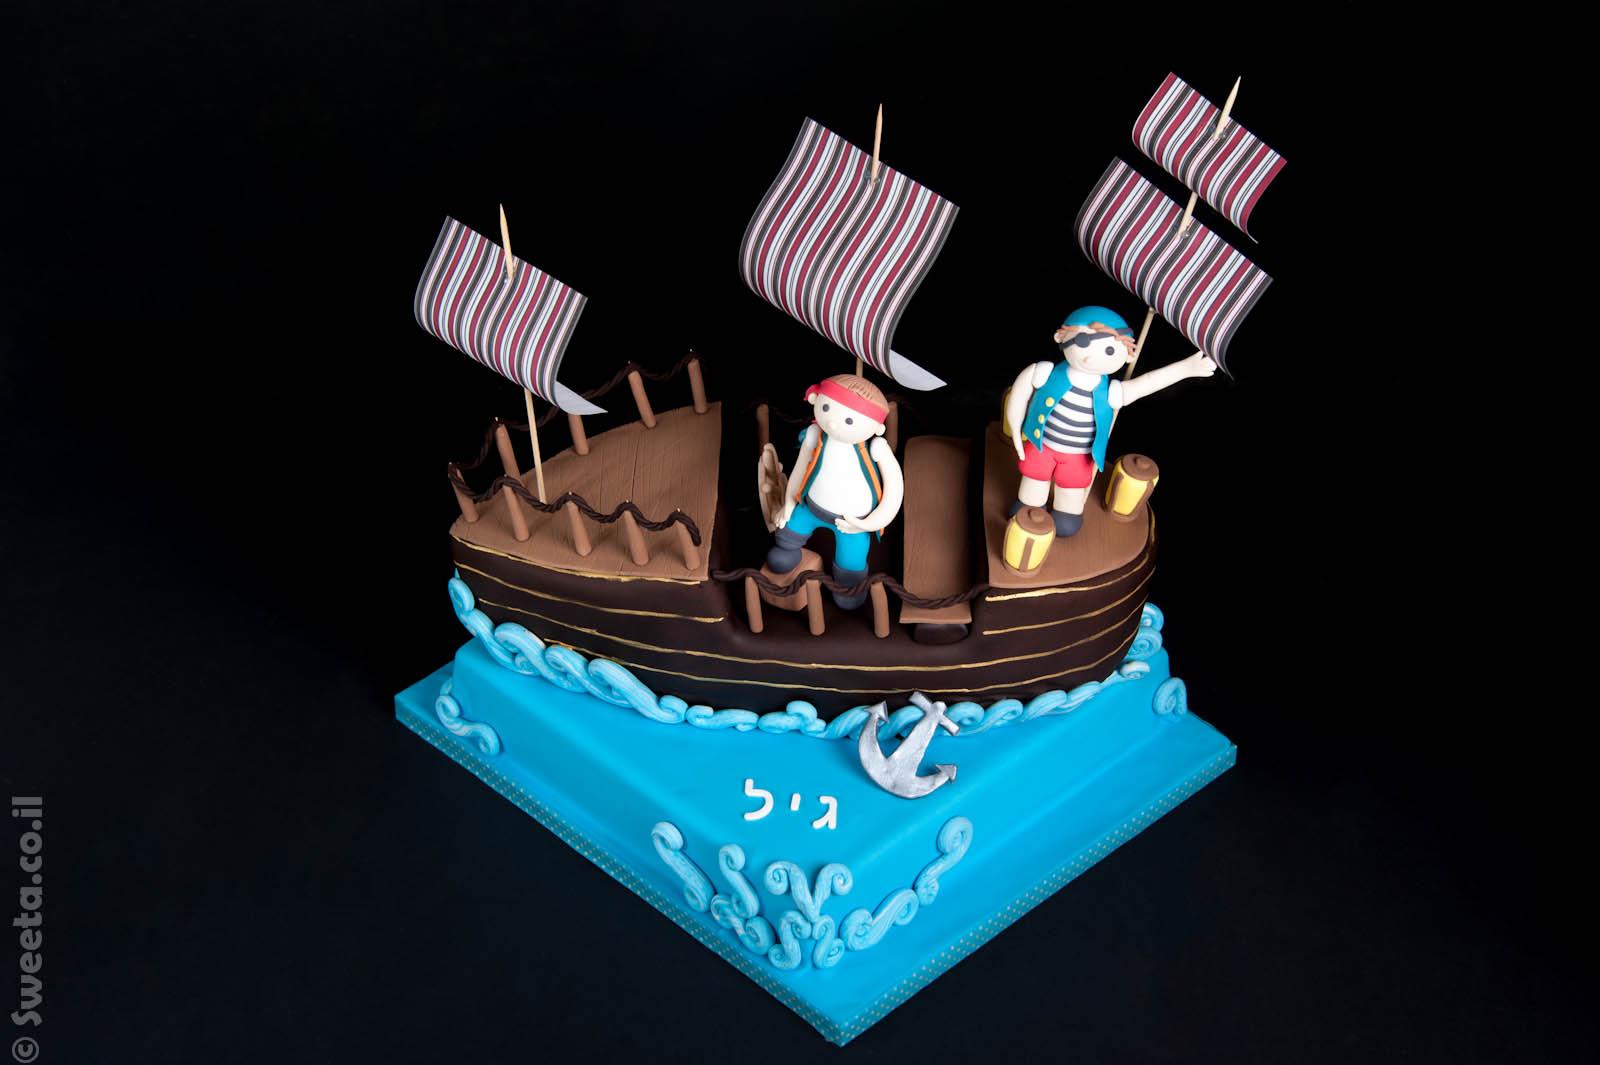 עוגת פירטים עם ספינת שודדי ים מפוסלים בבצק סוכר